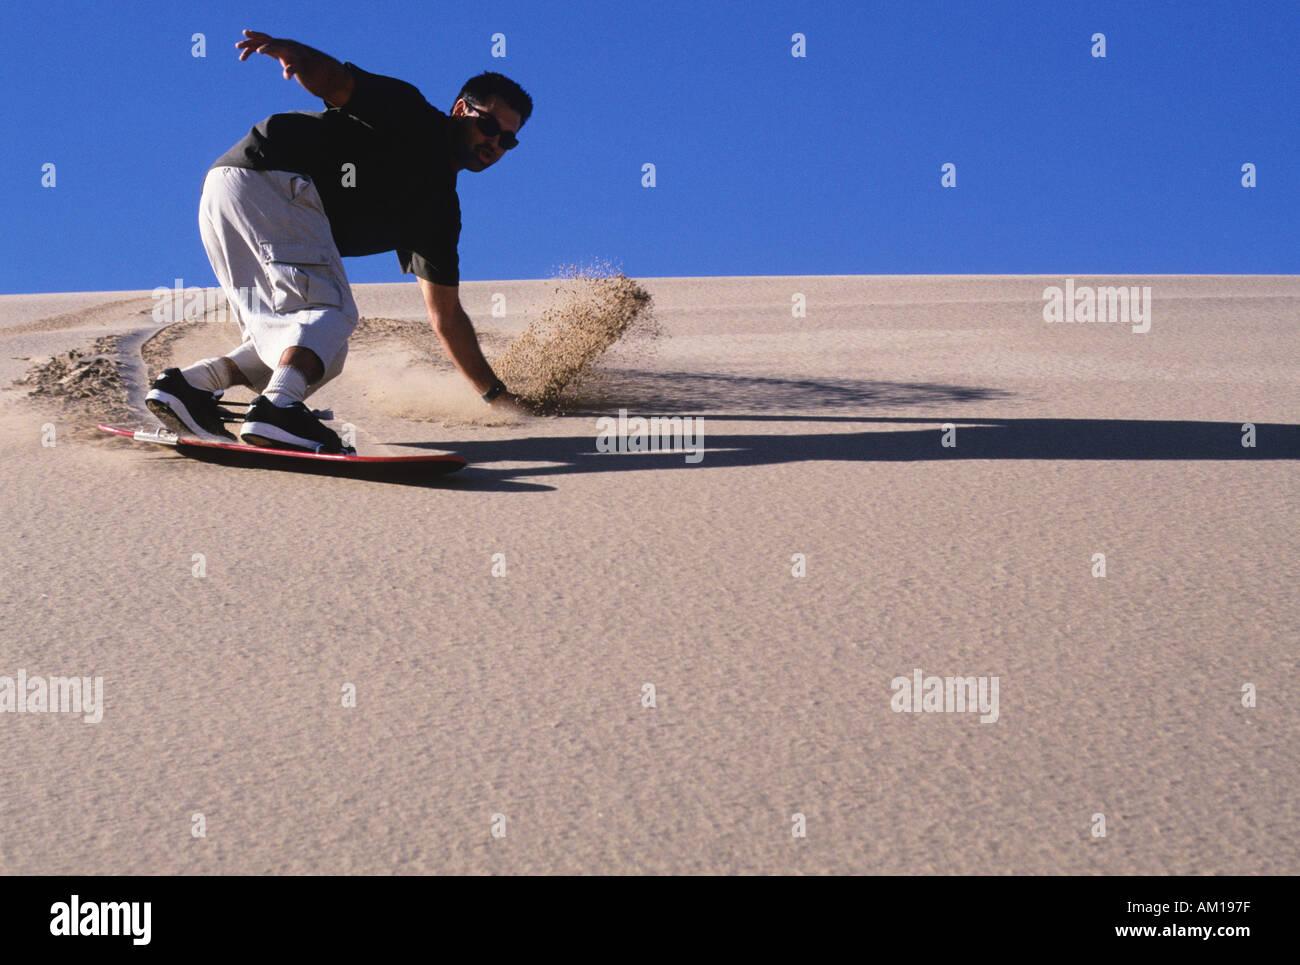 Sandboarding on a sand dune in the desert - Stock Image